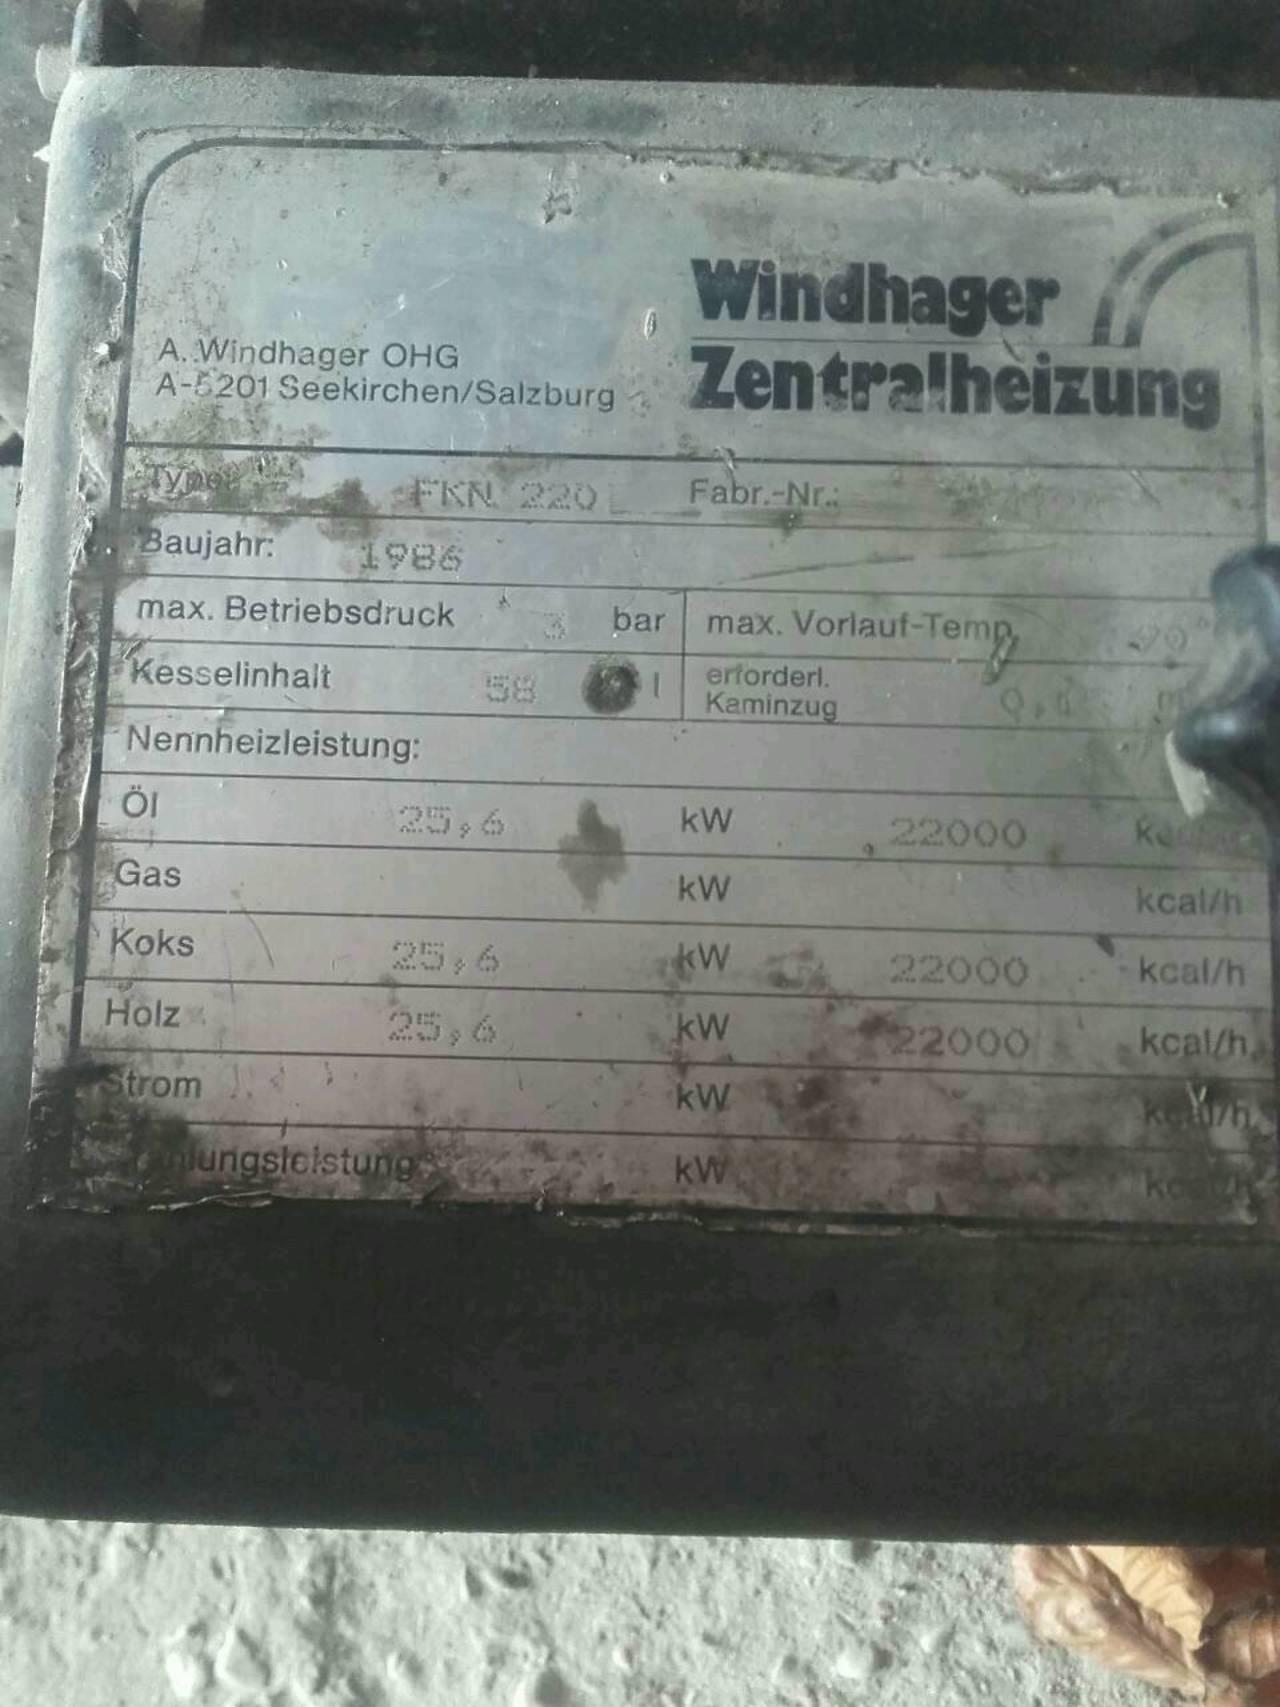 Windhager Zentralheizung